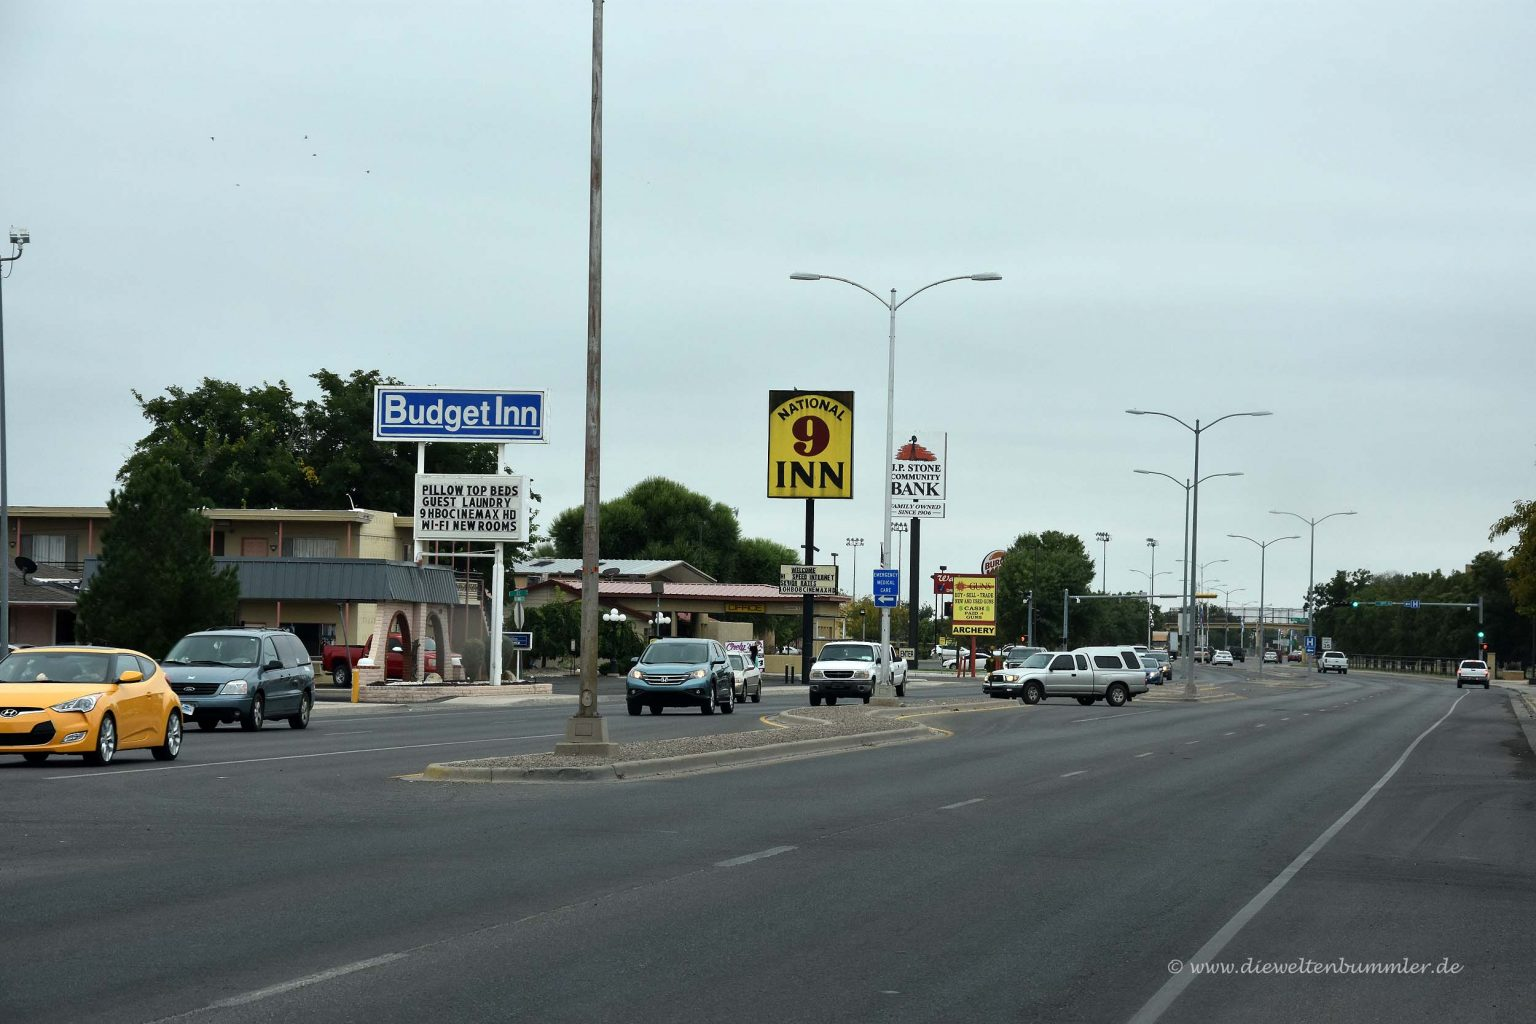 Typische Straße in amerikanischer Kleinstadt